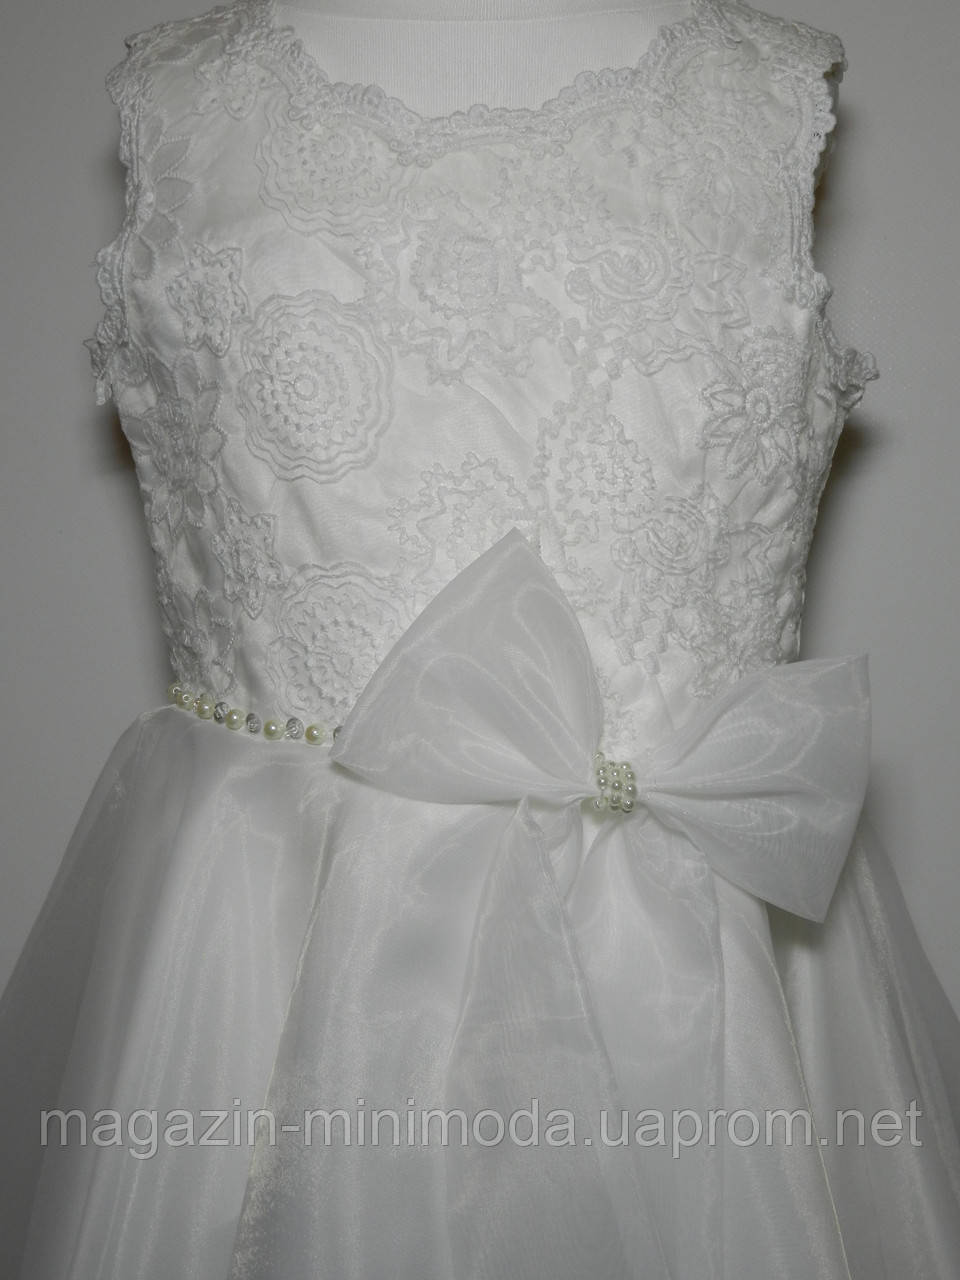 bdd7858b9b5 ... Белое детское платье